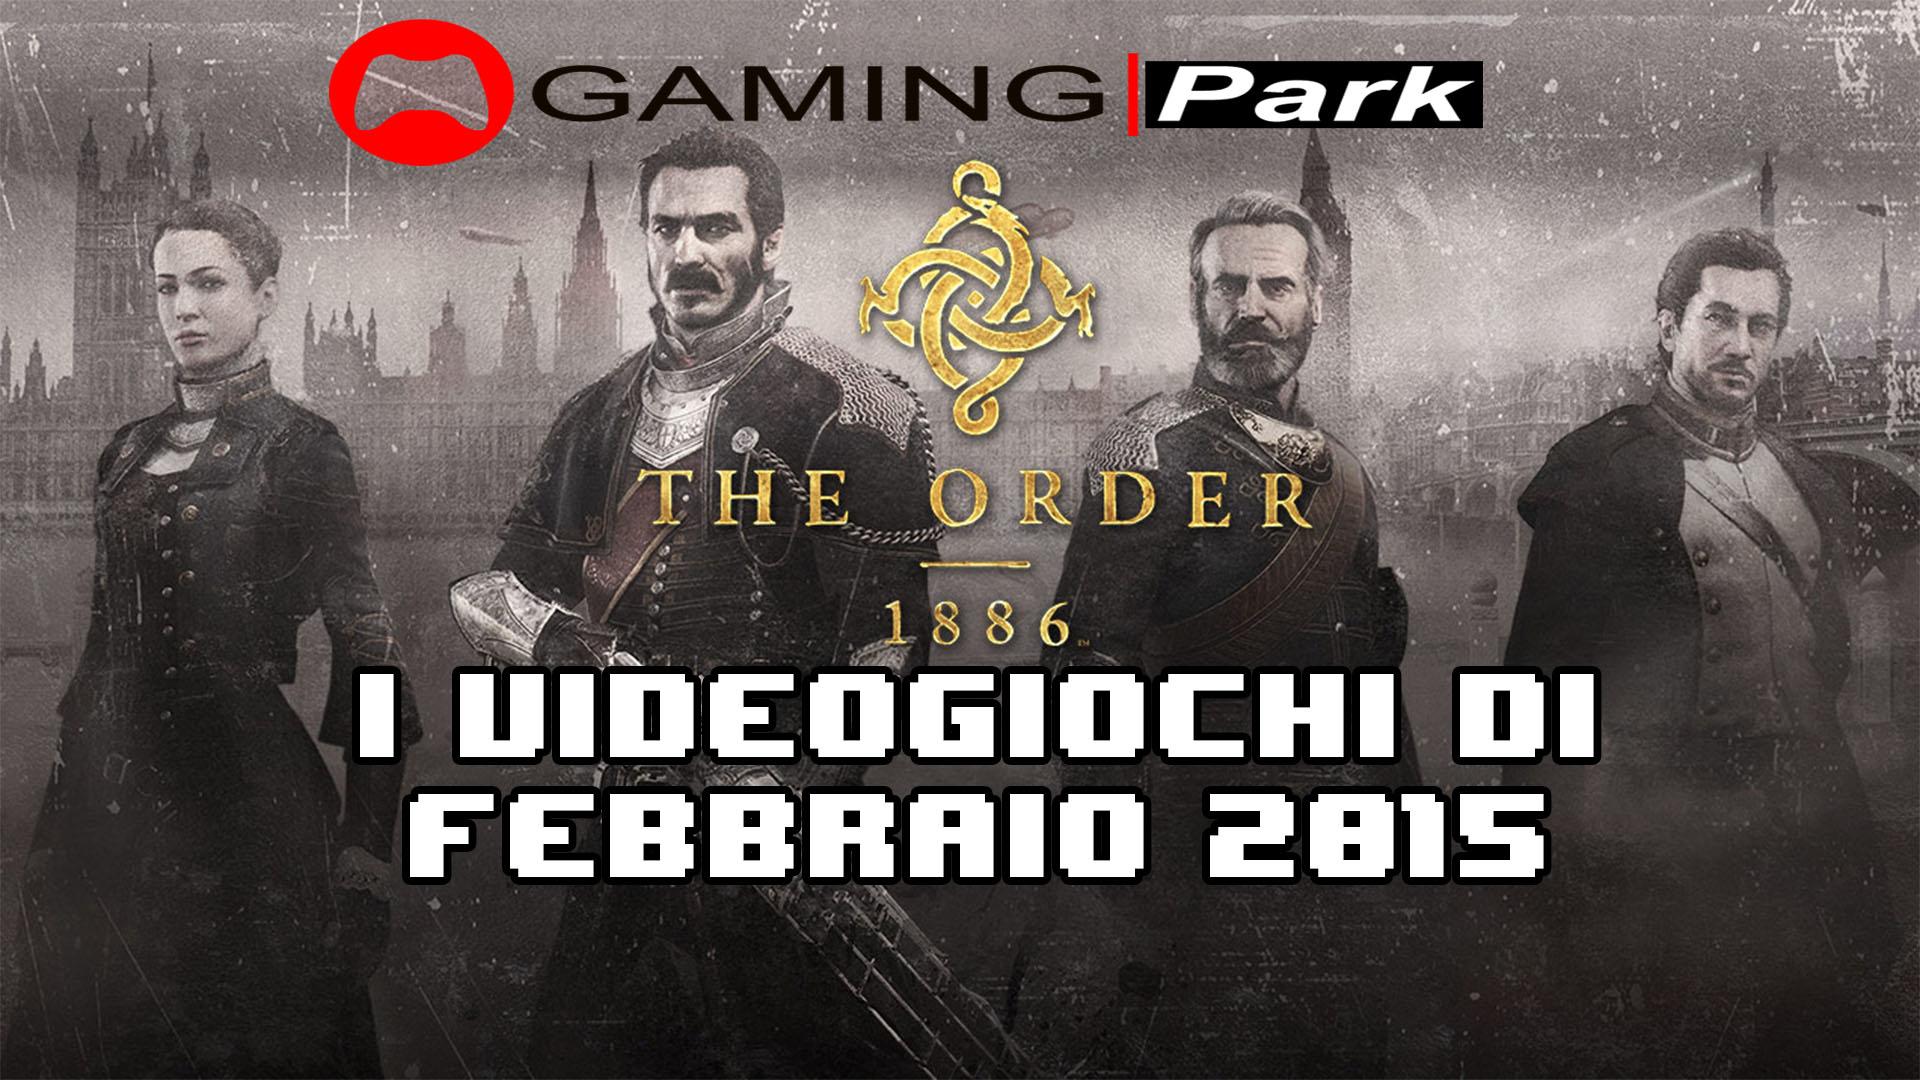 Videogiochi di Febbraio 2015